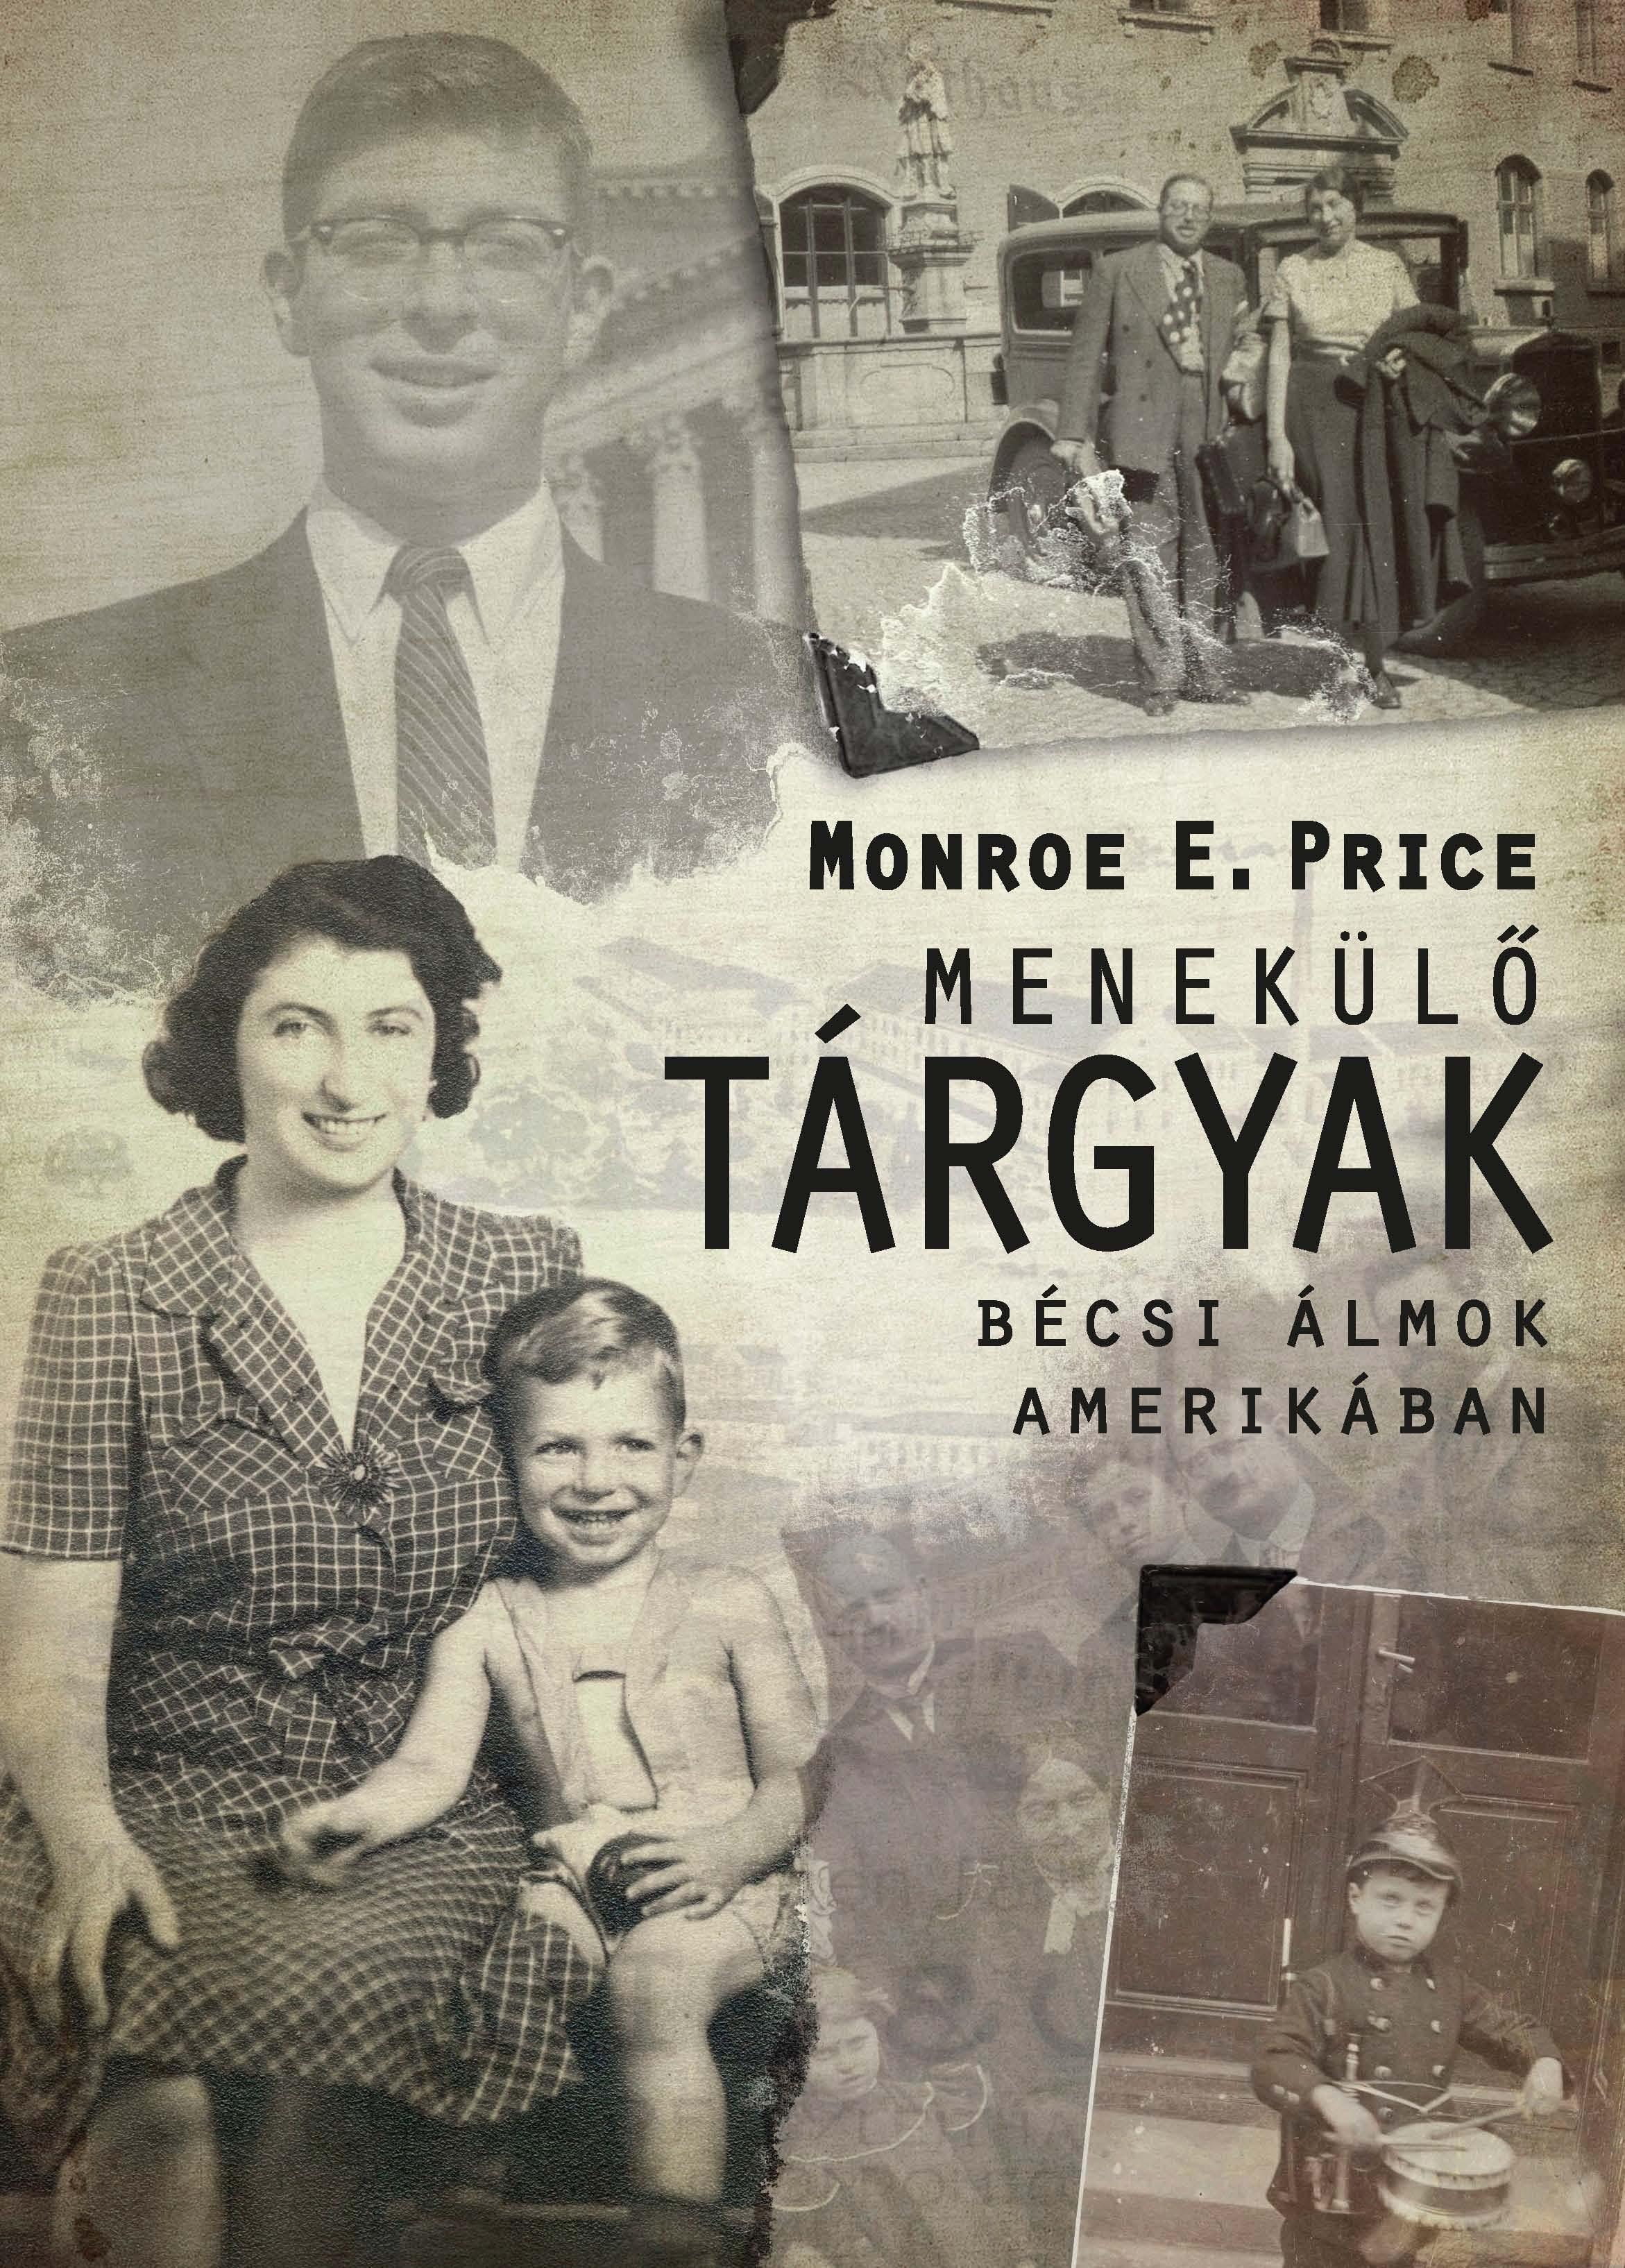 PRICE, MONROE E. - MENEKÜLŐ TÁRGYAK - BÉCSI ÁLMOK AMERIKÁBAN